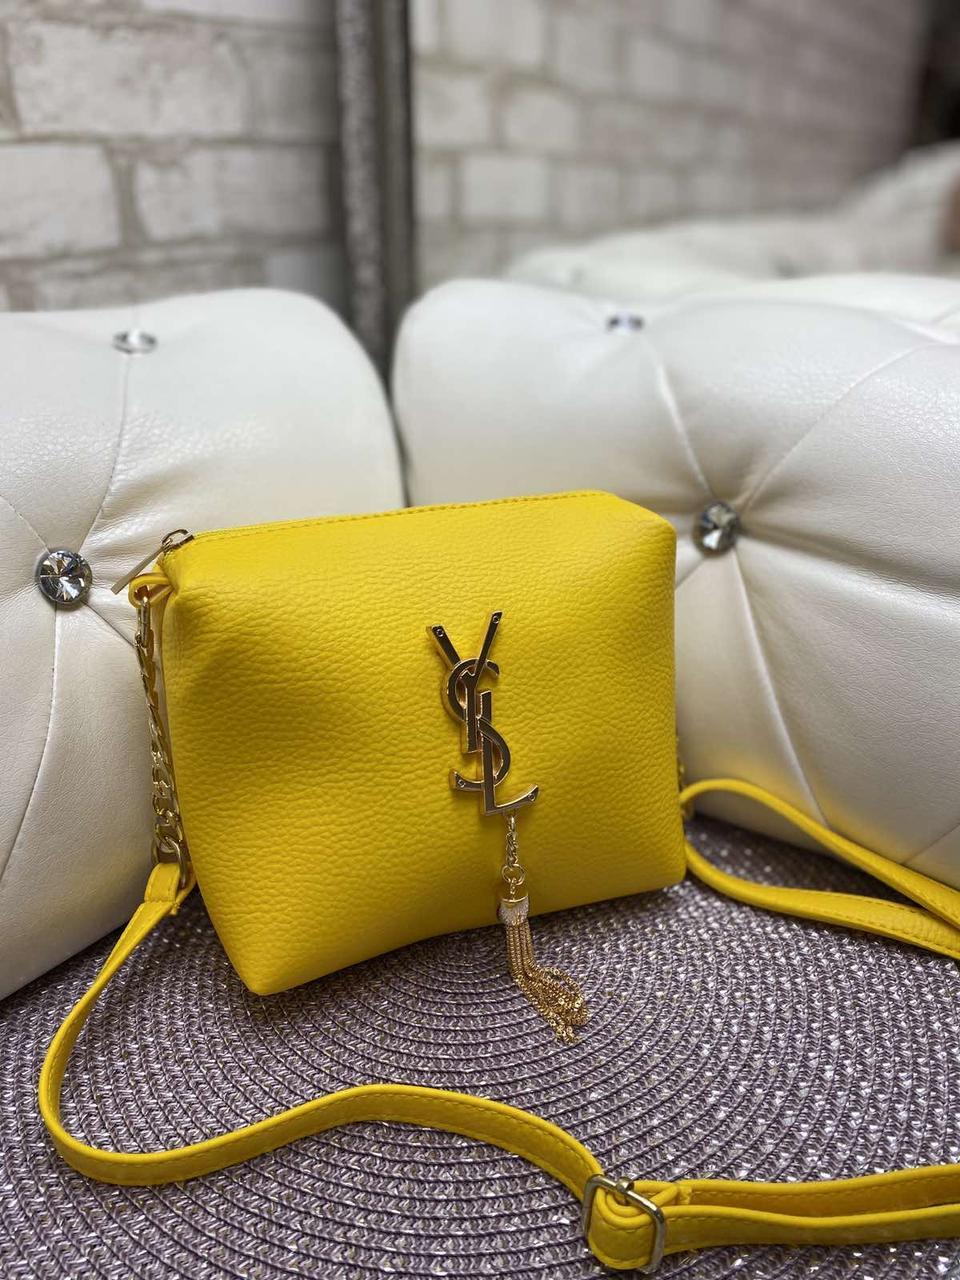 Женская сумка клатч яркая желтая маленькая сумочка через плечо кроссбоди молодежная кожзам